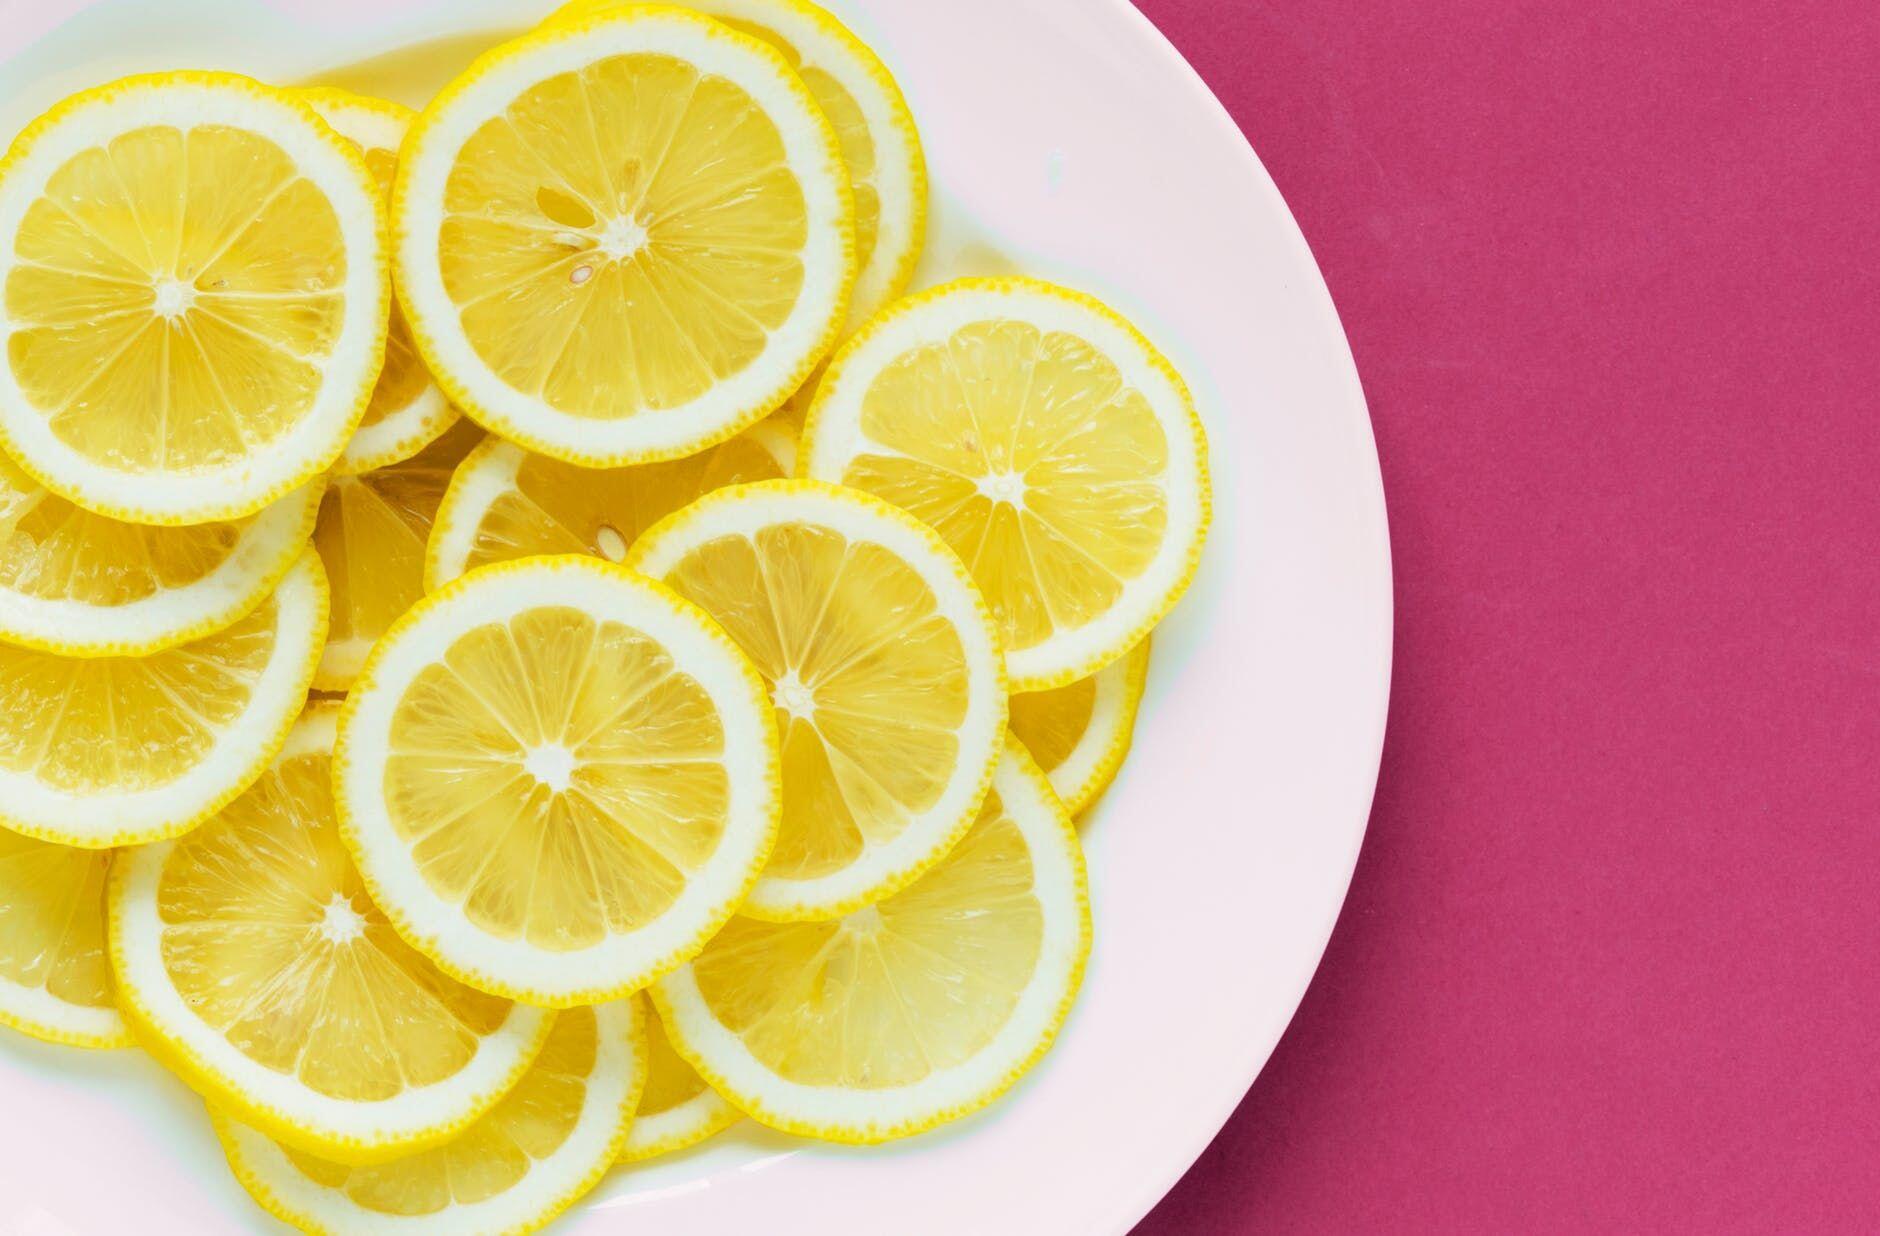 Ini 12 Cara Alami dan Mudah Memutihkan Gigi, Tanpa Perlu Bleaching!